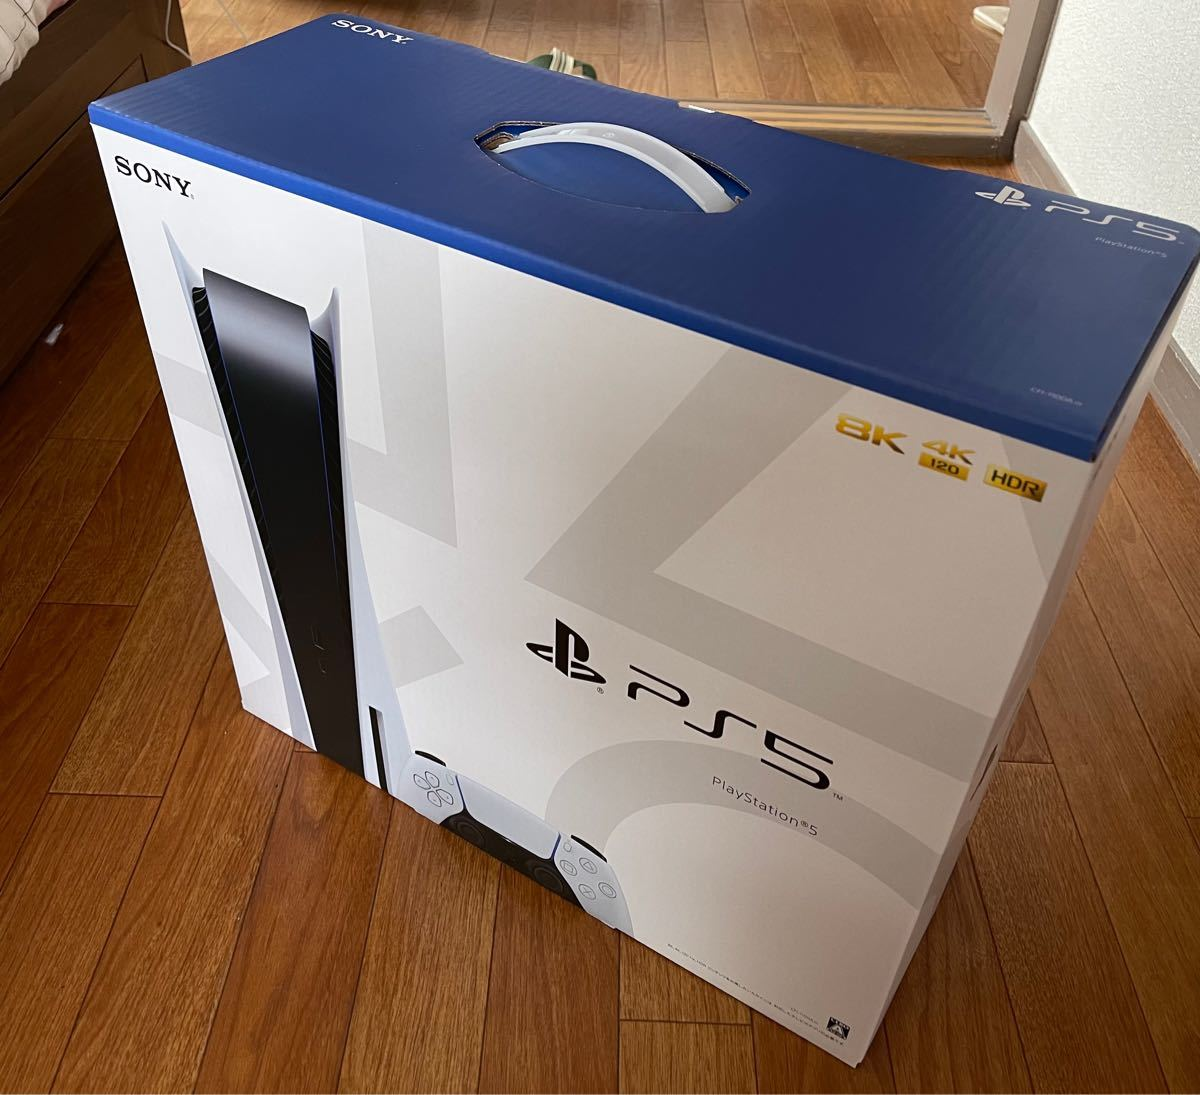 新品未開封品 PlayStation5 PS5 プレイステーション5 本体 ディスクドライブ搭載版 CFI-1100A01